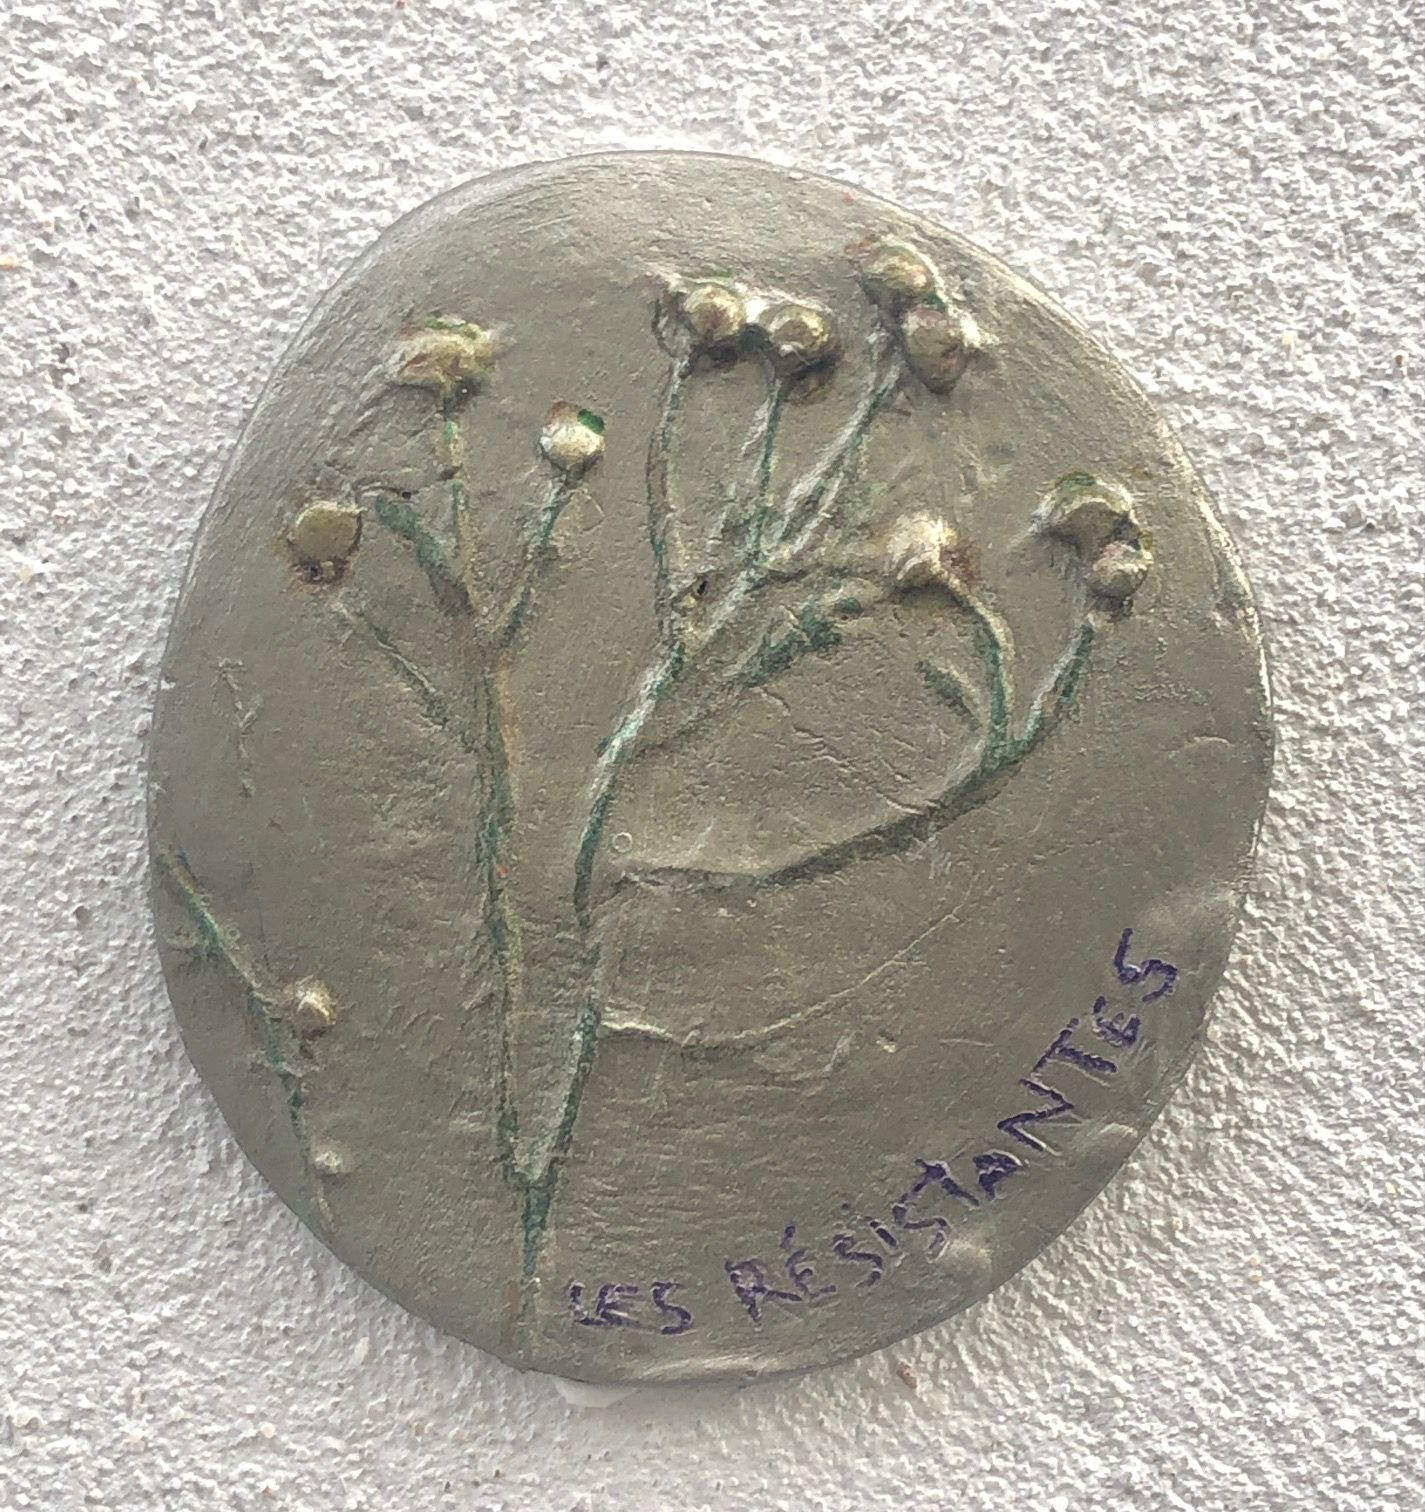 Intervention urbaine.. Moulage en relief des herbes urbaine sauvage, mise en couleur et apposé sur les murs parisiens du XIVeme